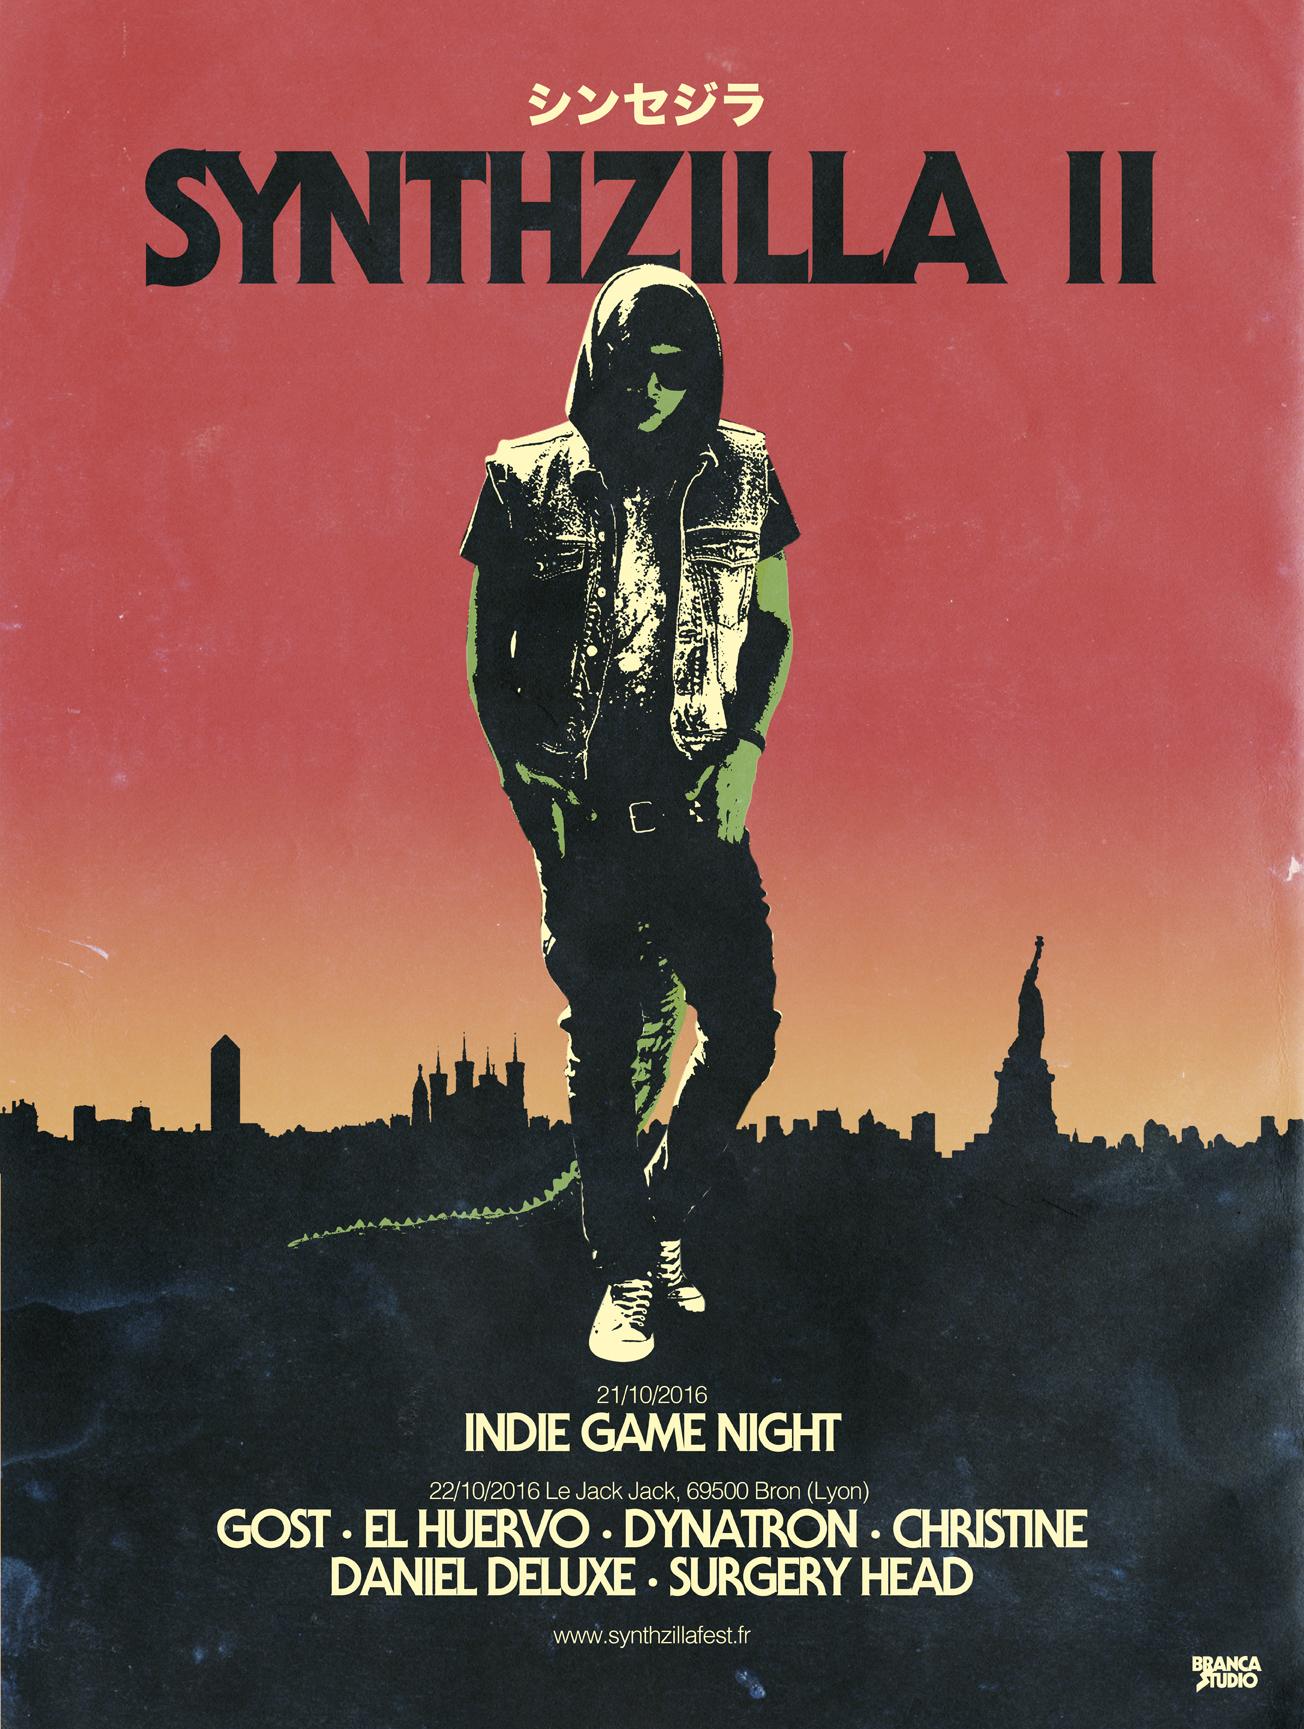 synthzilla II.jpg